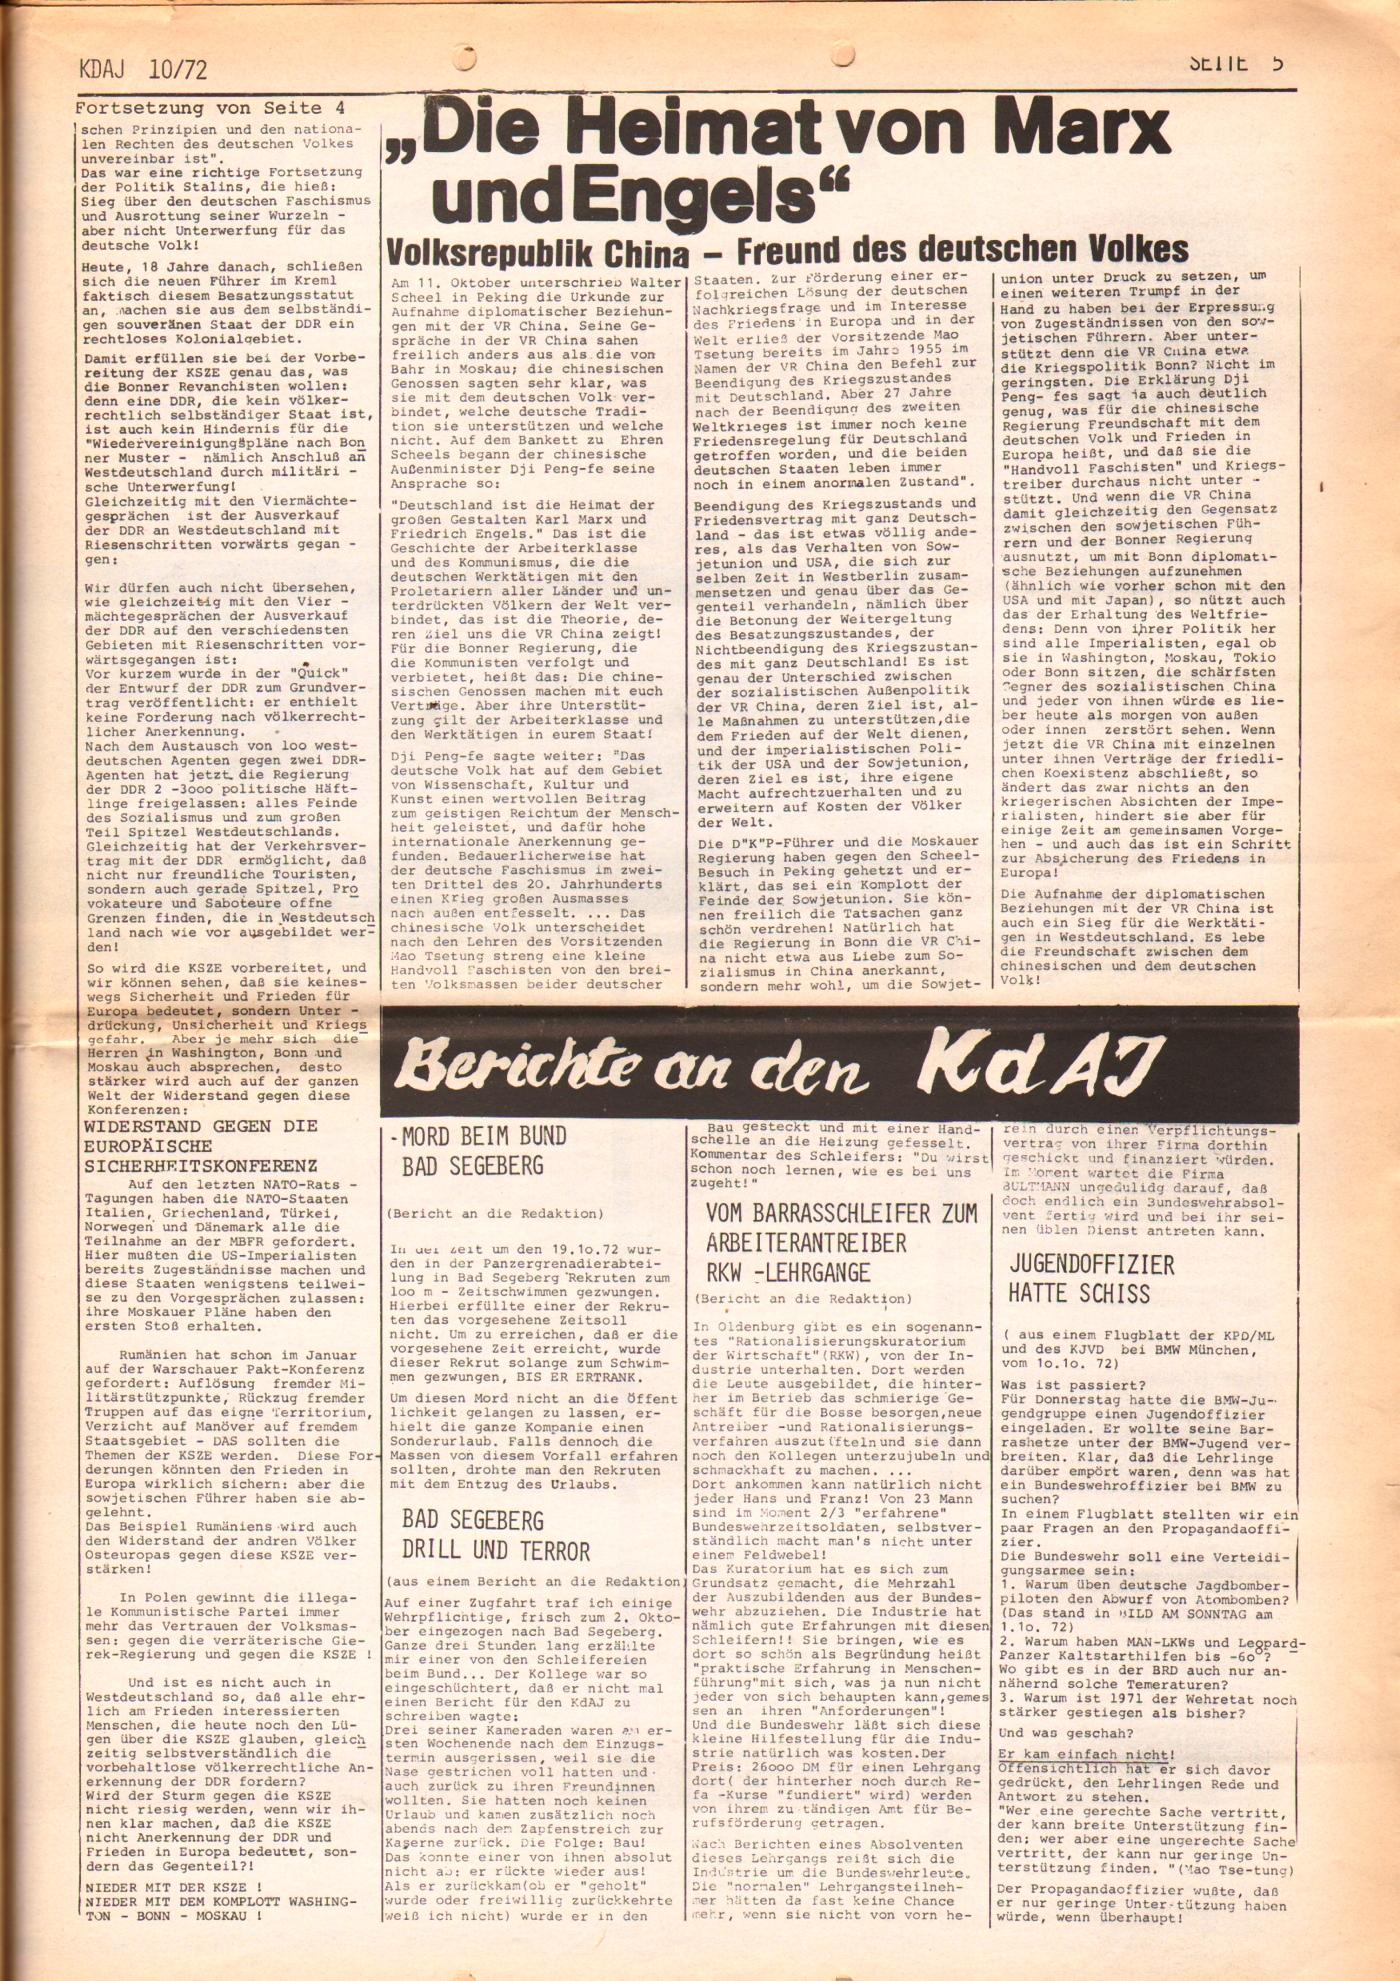 KDAJ, 3. Jg., November 1972, Nr. 10, Seite 5